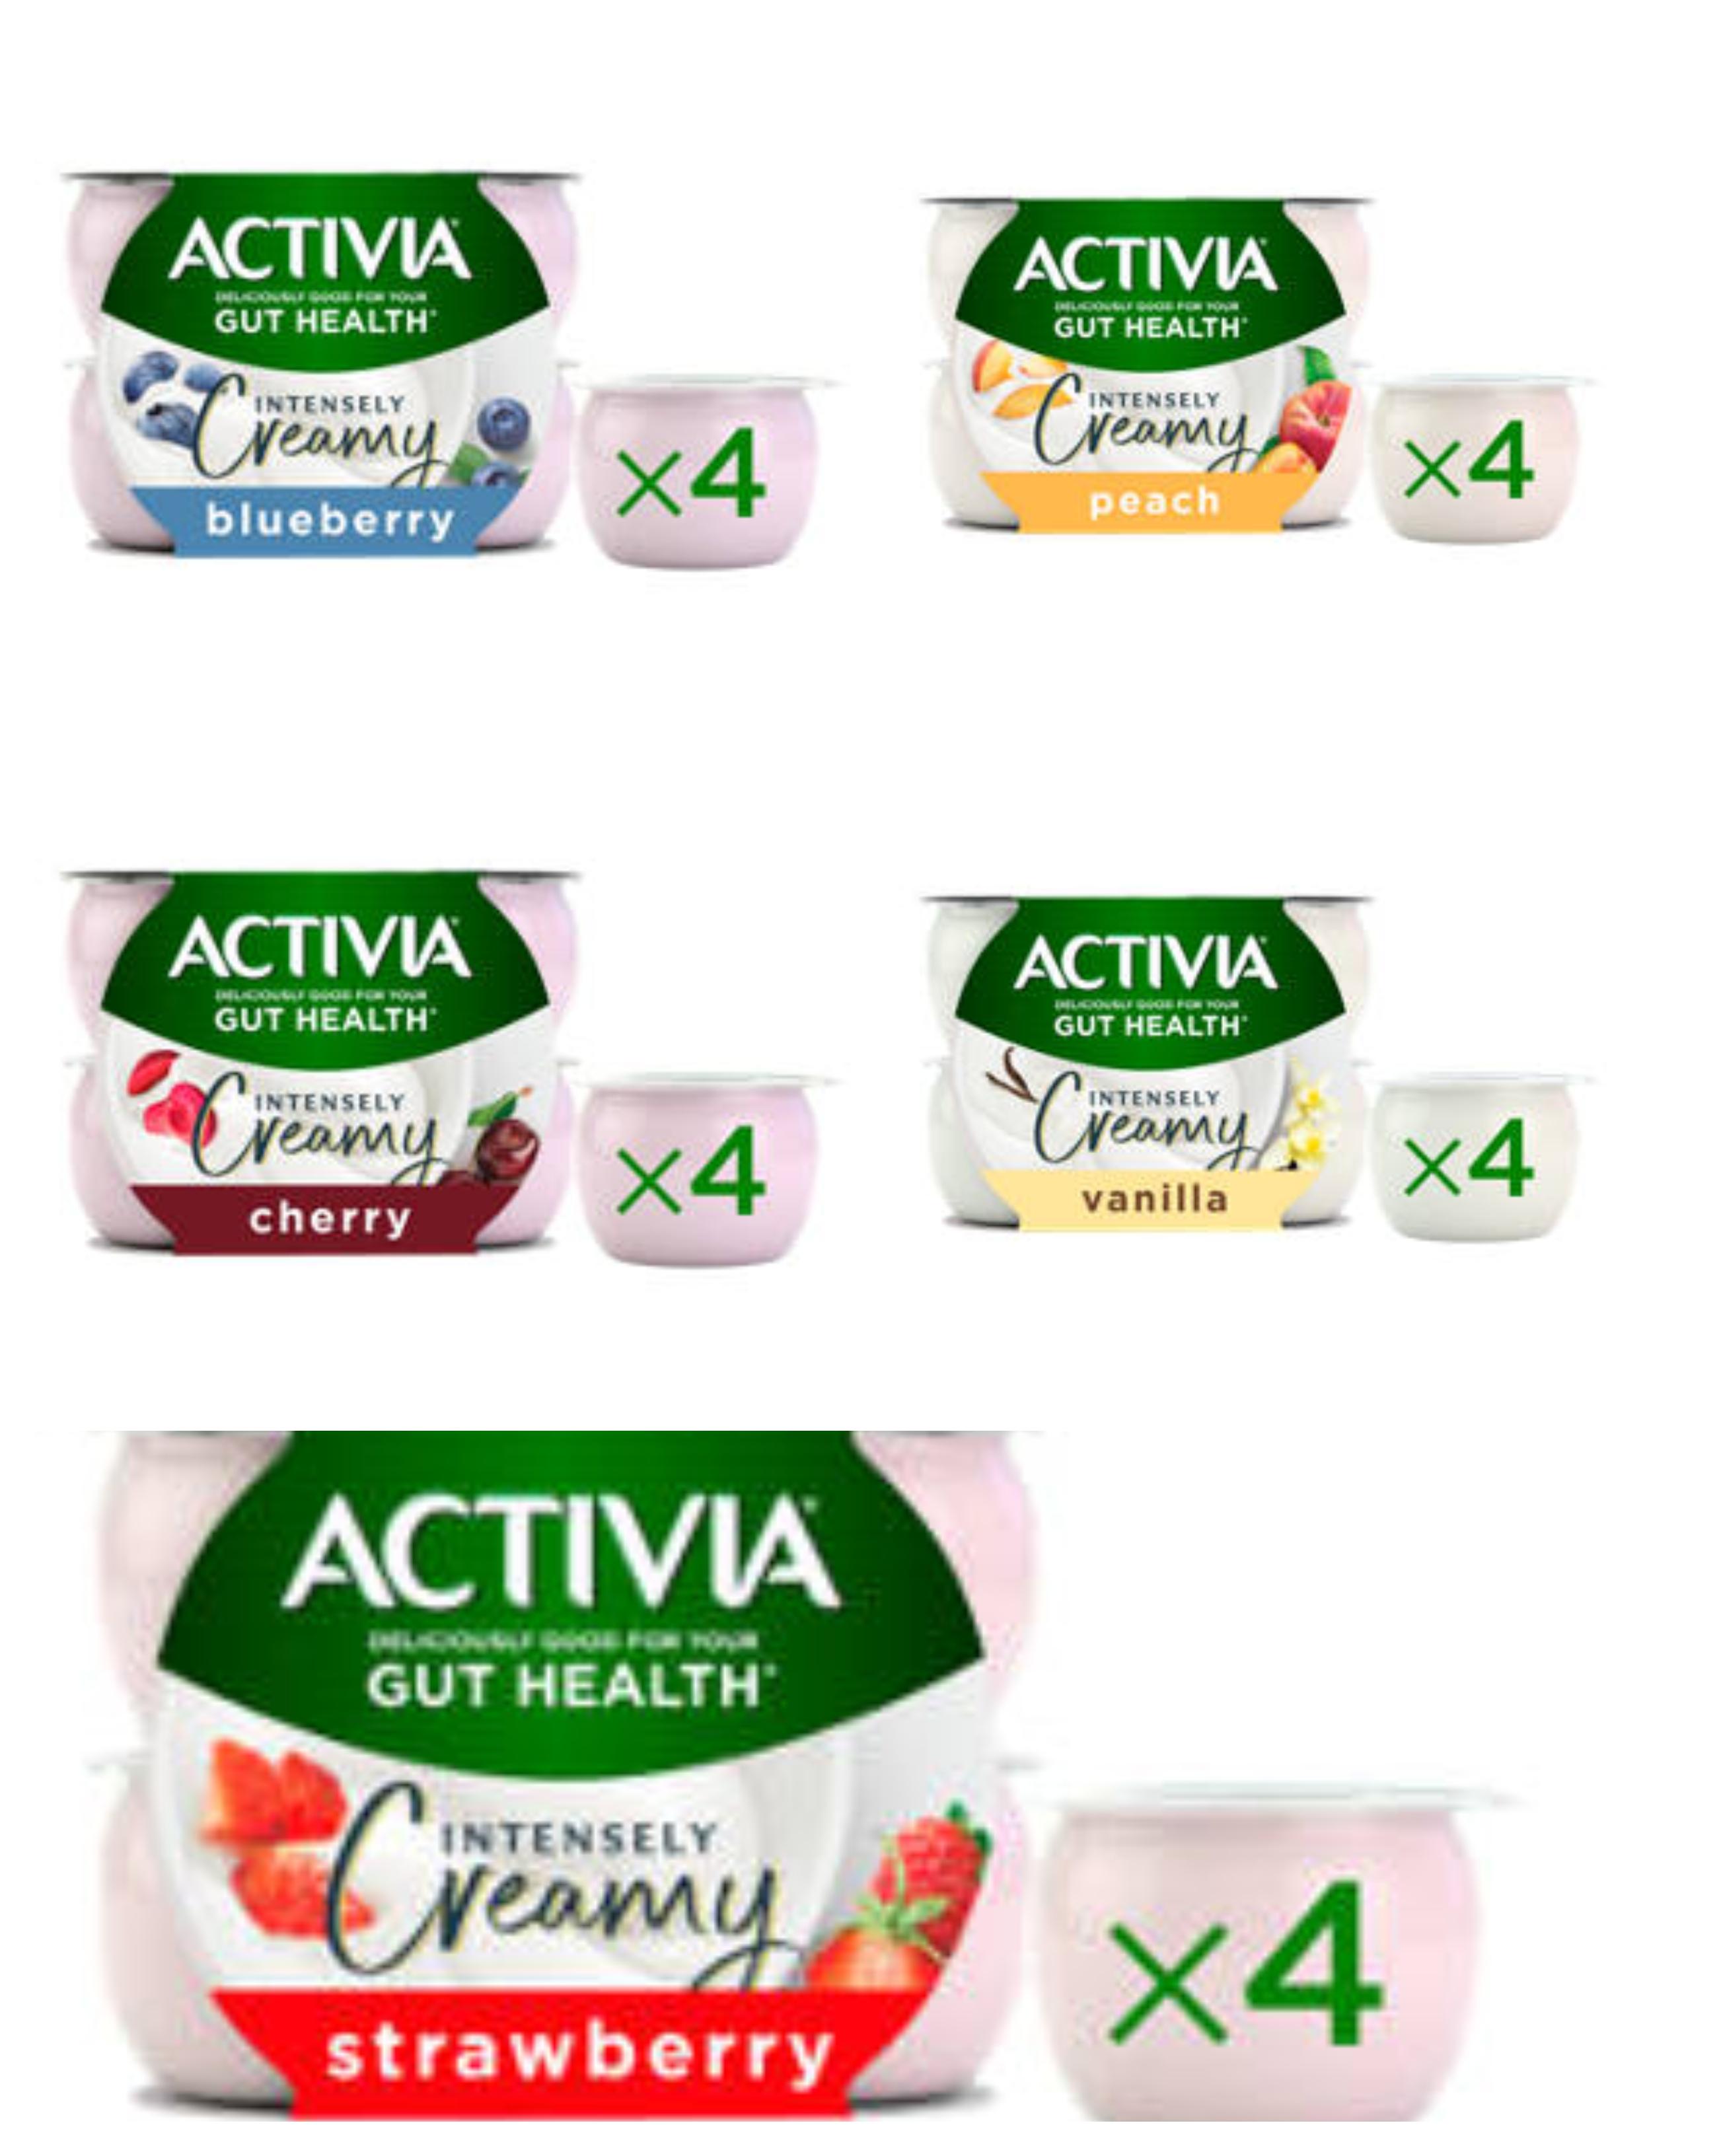 Activia yogurt 4 x 110g - Strawberry / Peach / Cherry / Vanilla / Blueberry Flavour - £1.00 @ Asda